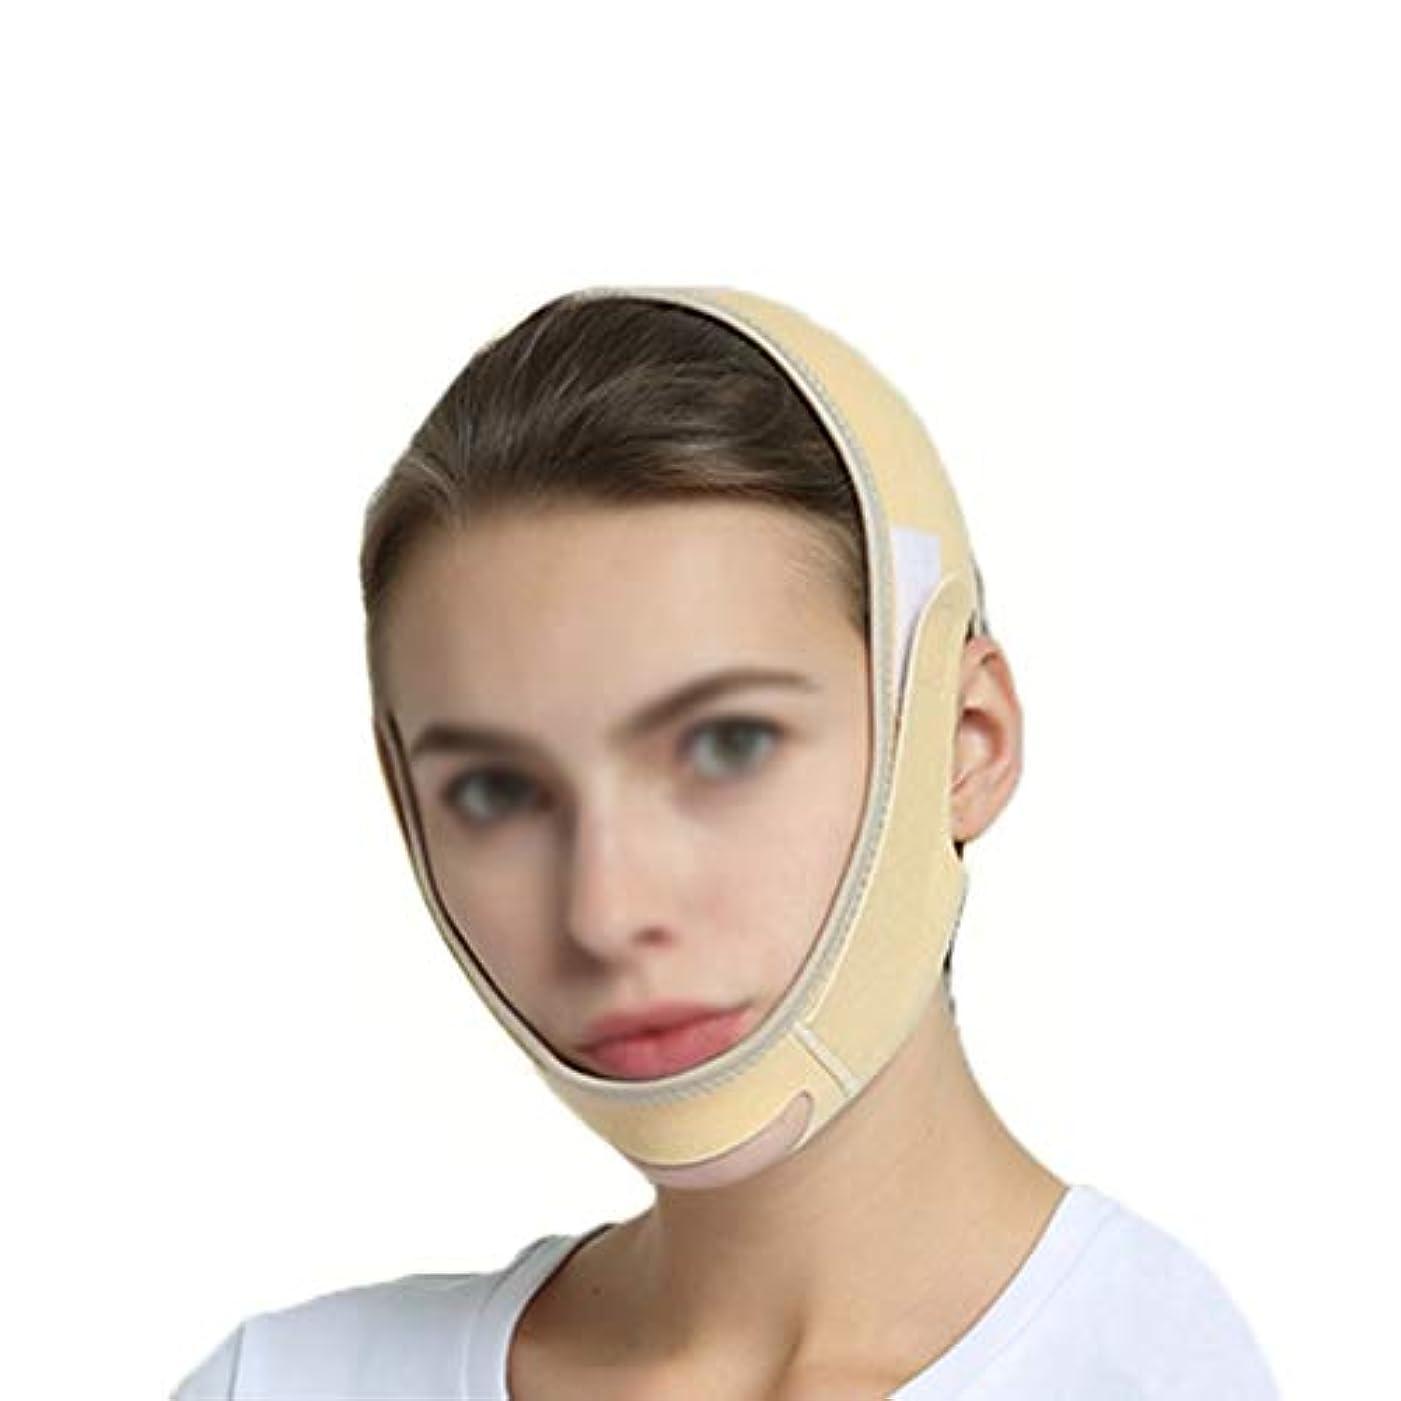 モスコンピューター納税者薄い顔で眠り、ラインカービング後に包帯を復元し、薄いダブルチンがマスクマスクを持ち上げ、2つのスタイルから選択できます (Color : B)